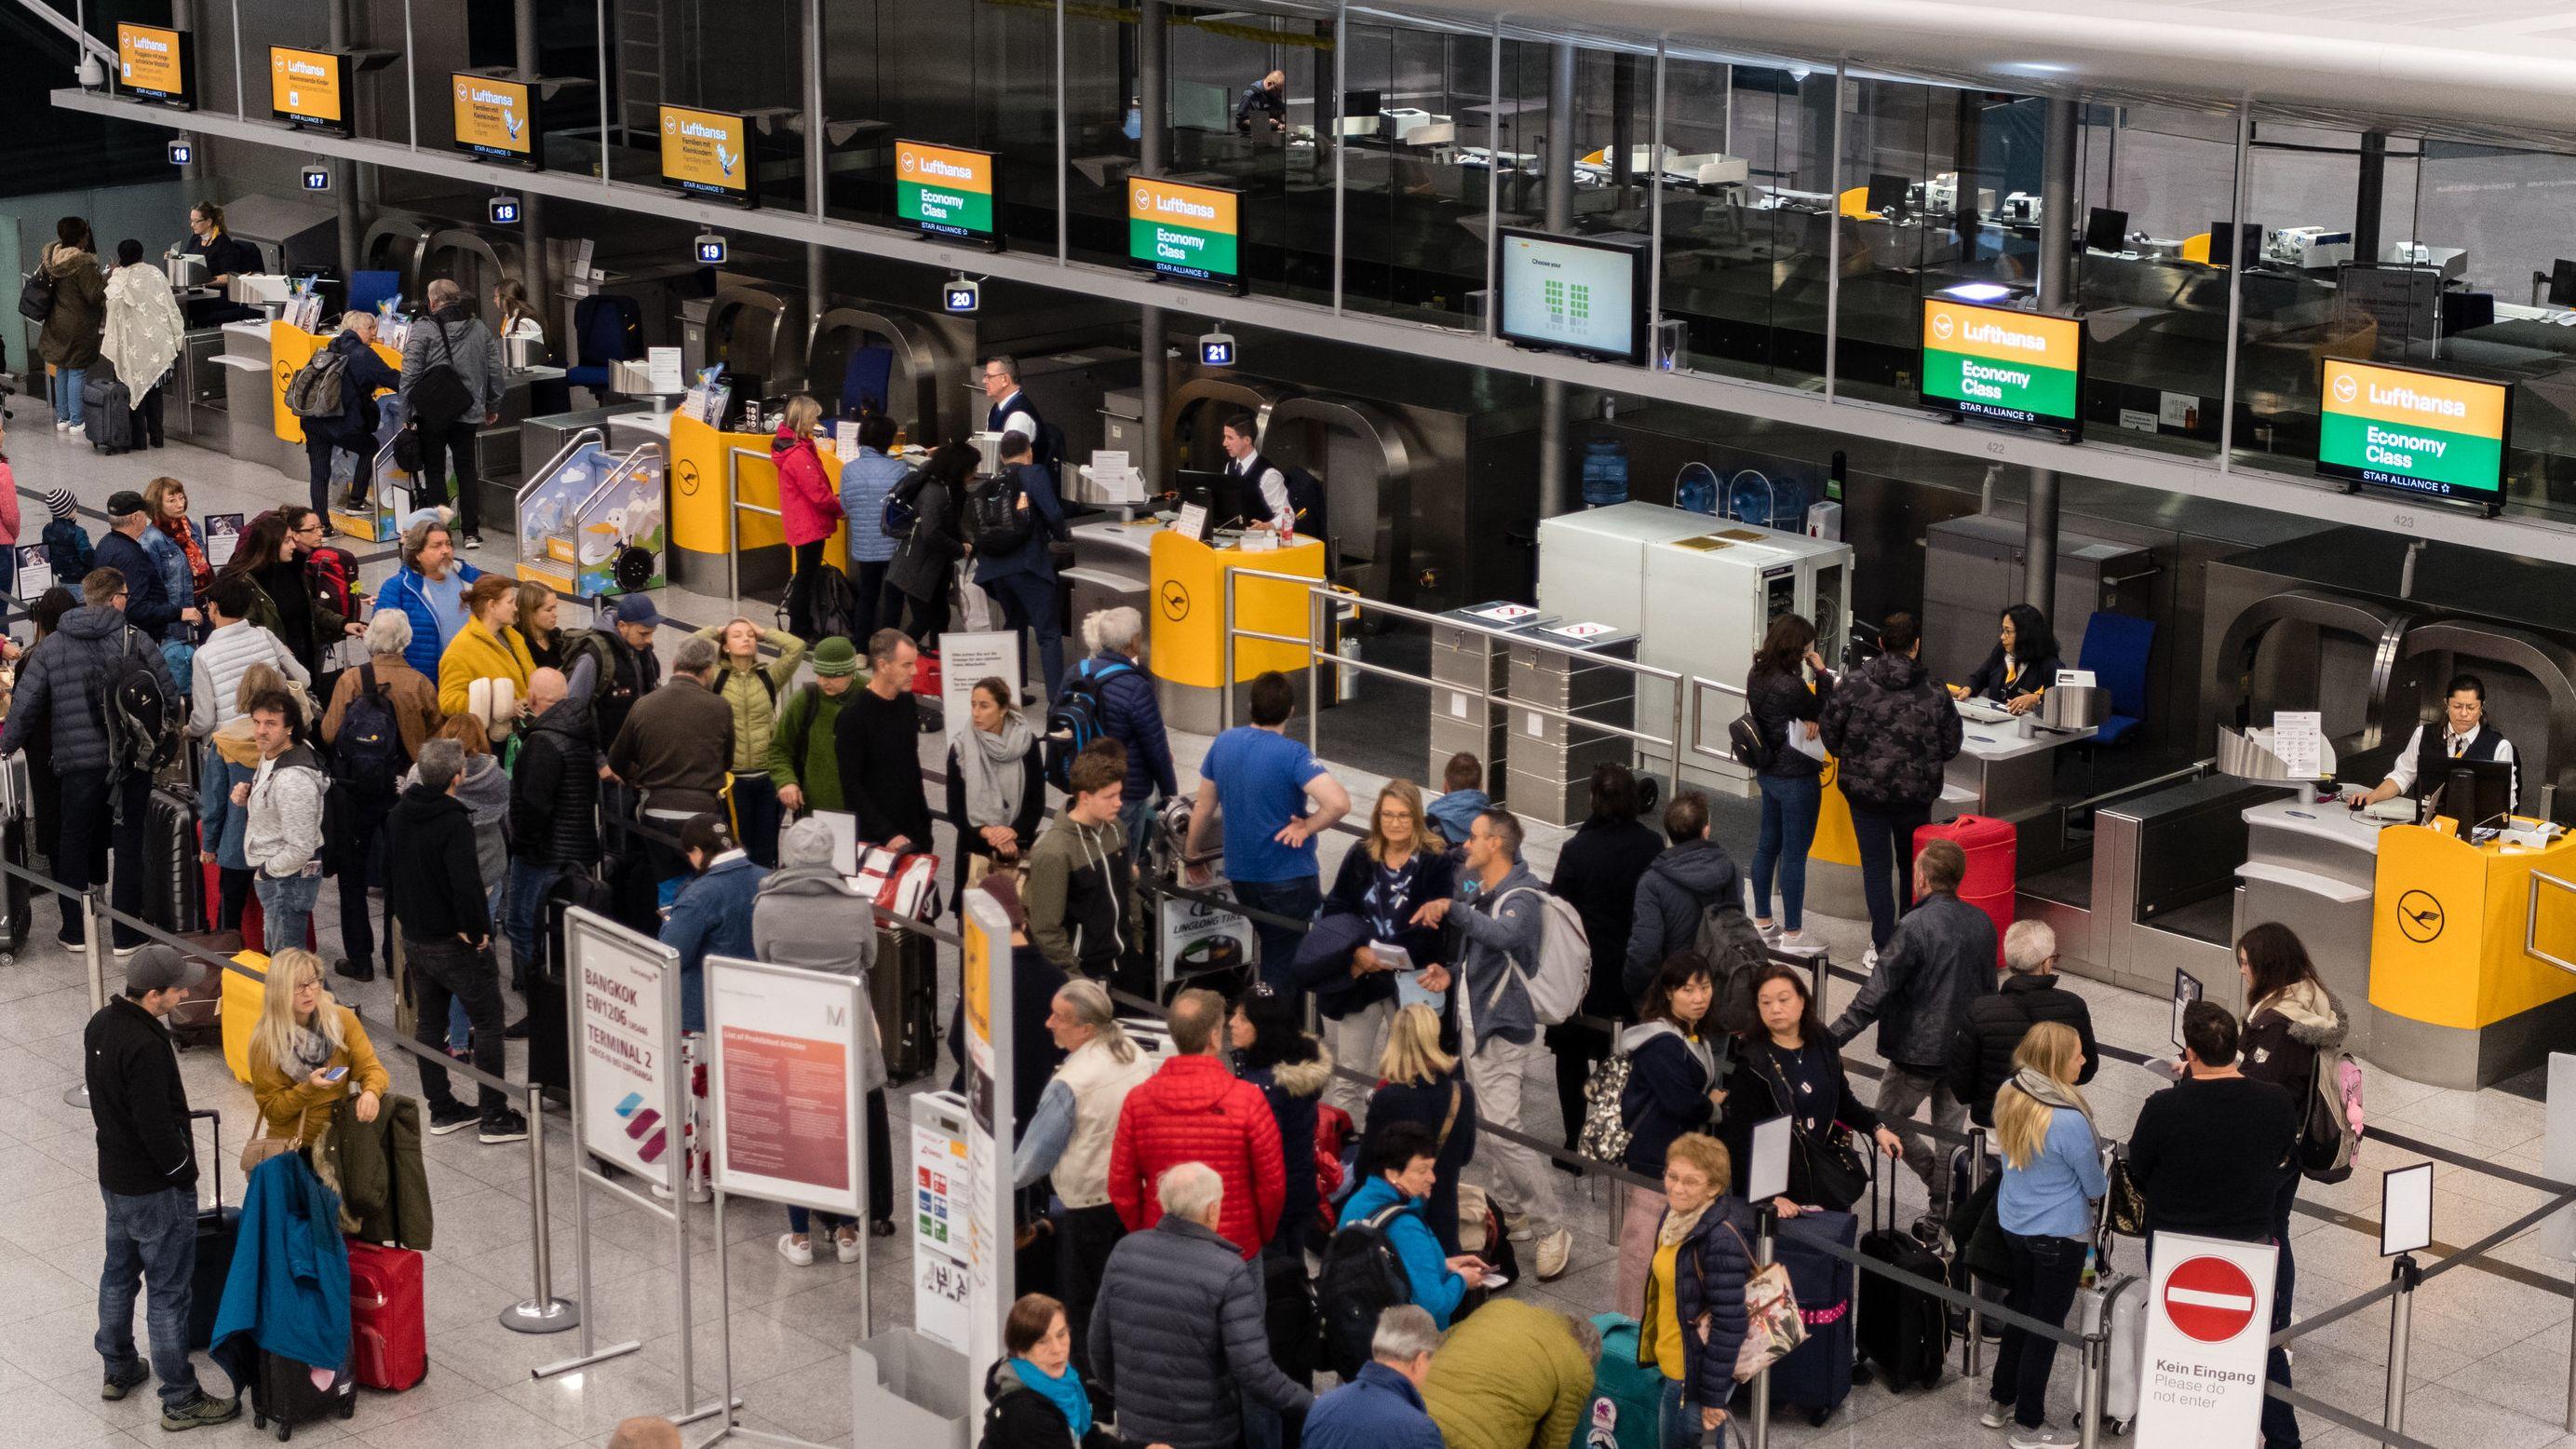 Passagierschlangen vor Schaltern auf Flughafen